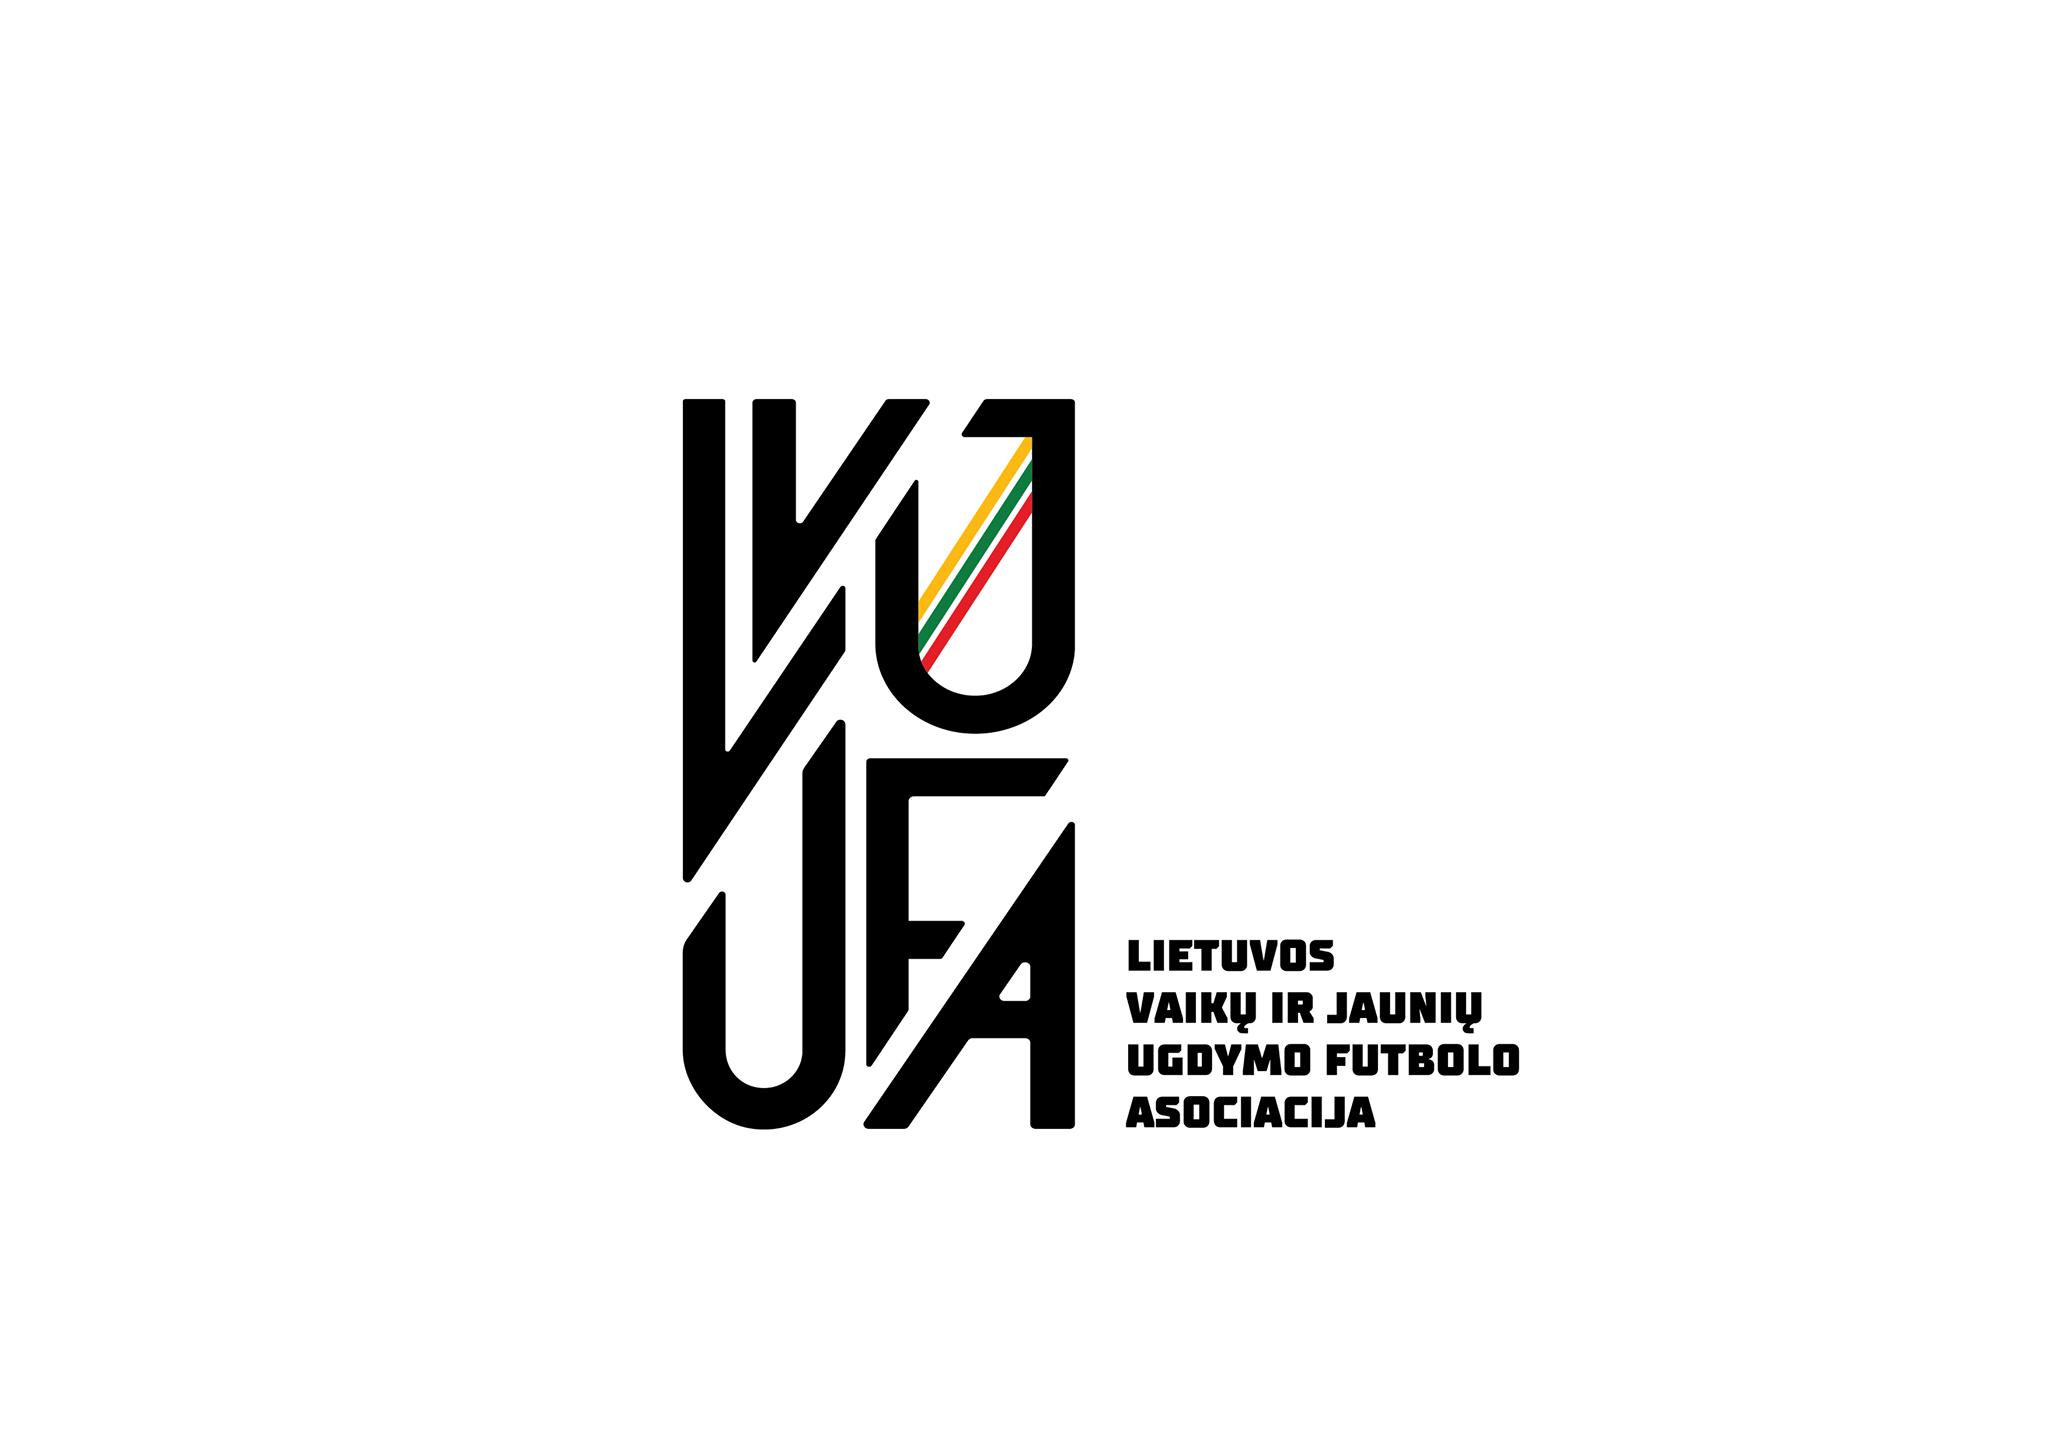 Vasaris – švietimo apie antidopingą jaunimo futbole mėnuo